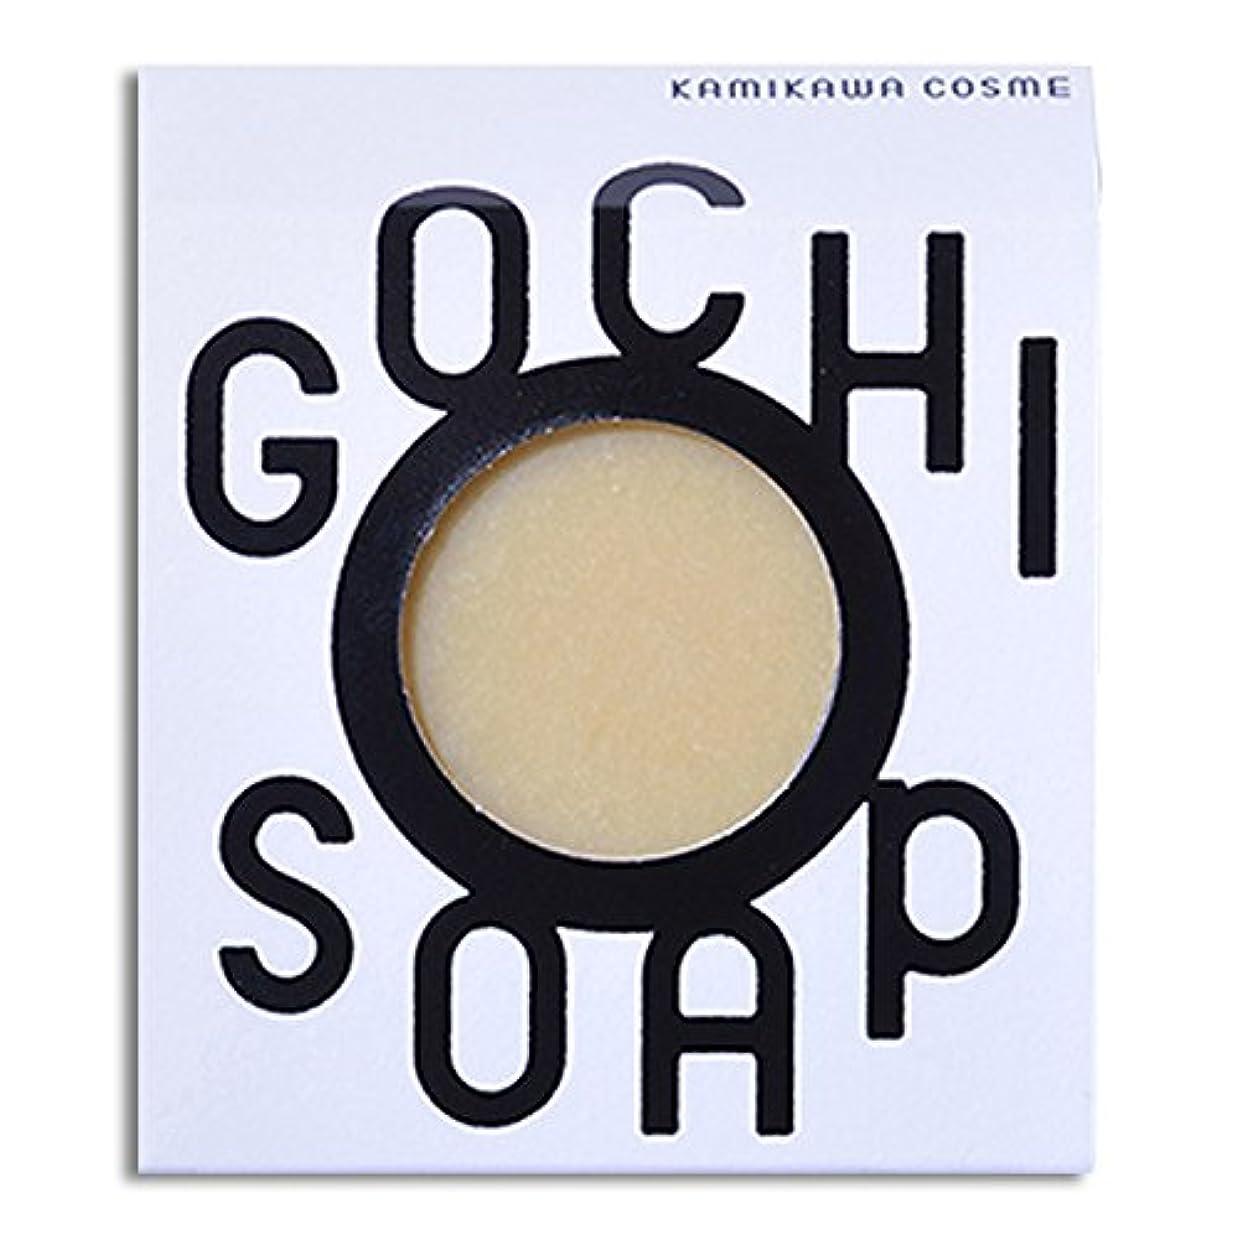 微弱手書き水族館道北の素材を使用したコスメブランド GOCHI SOAP(山路養蜂園の蜂蜜ソープ?ふじくらますも果樹園のりんごソープ)各1個セット